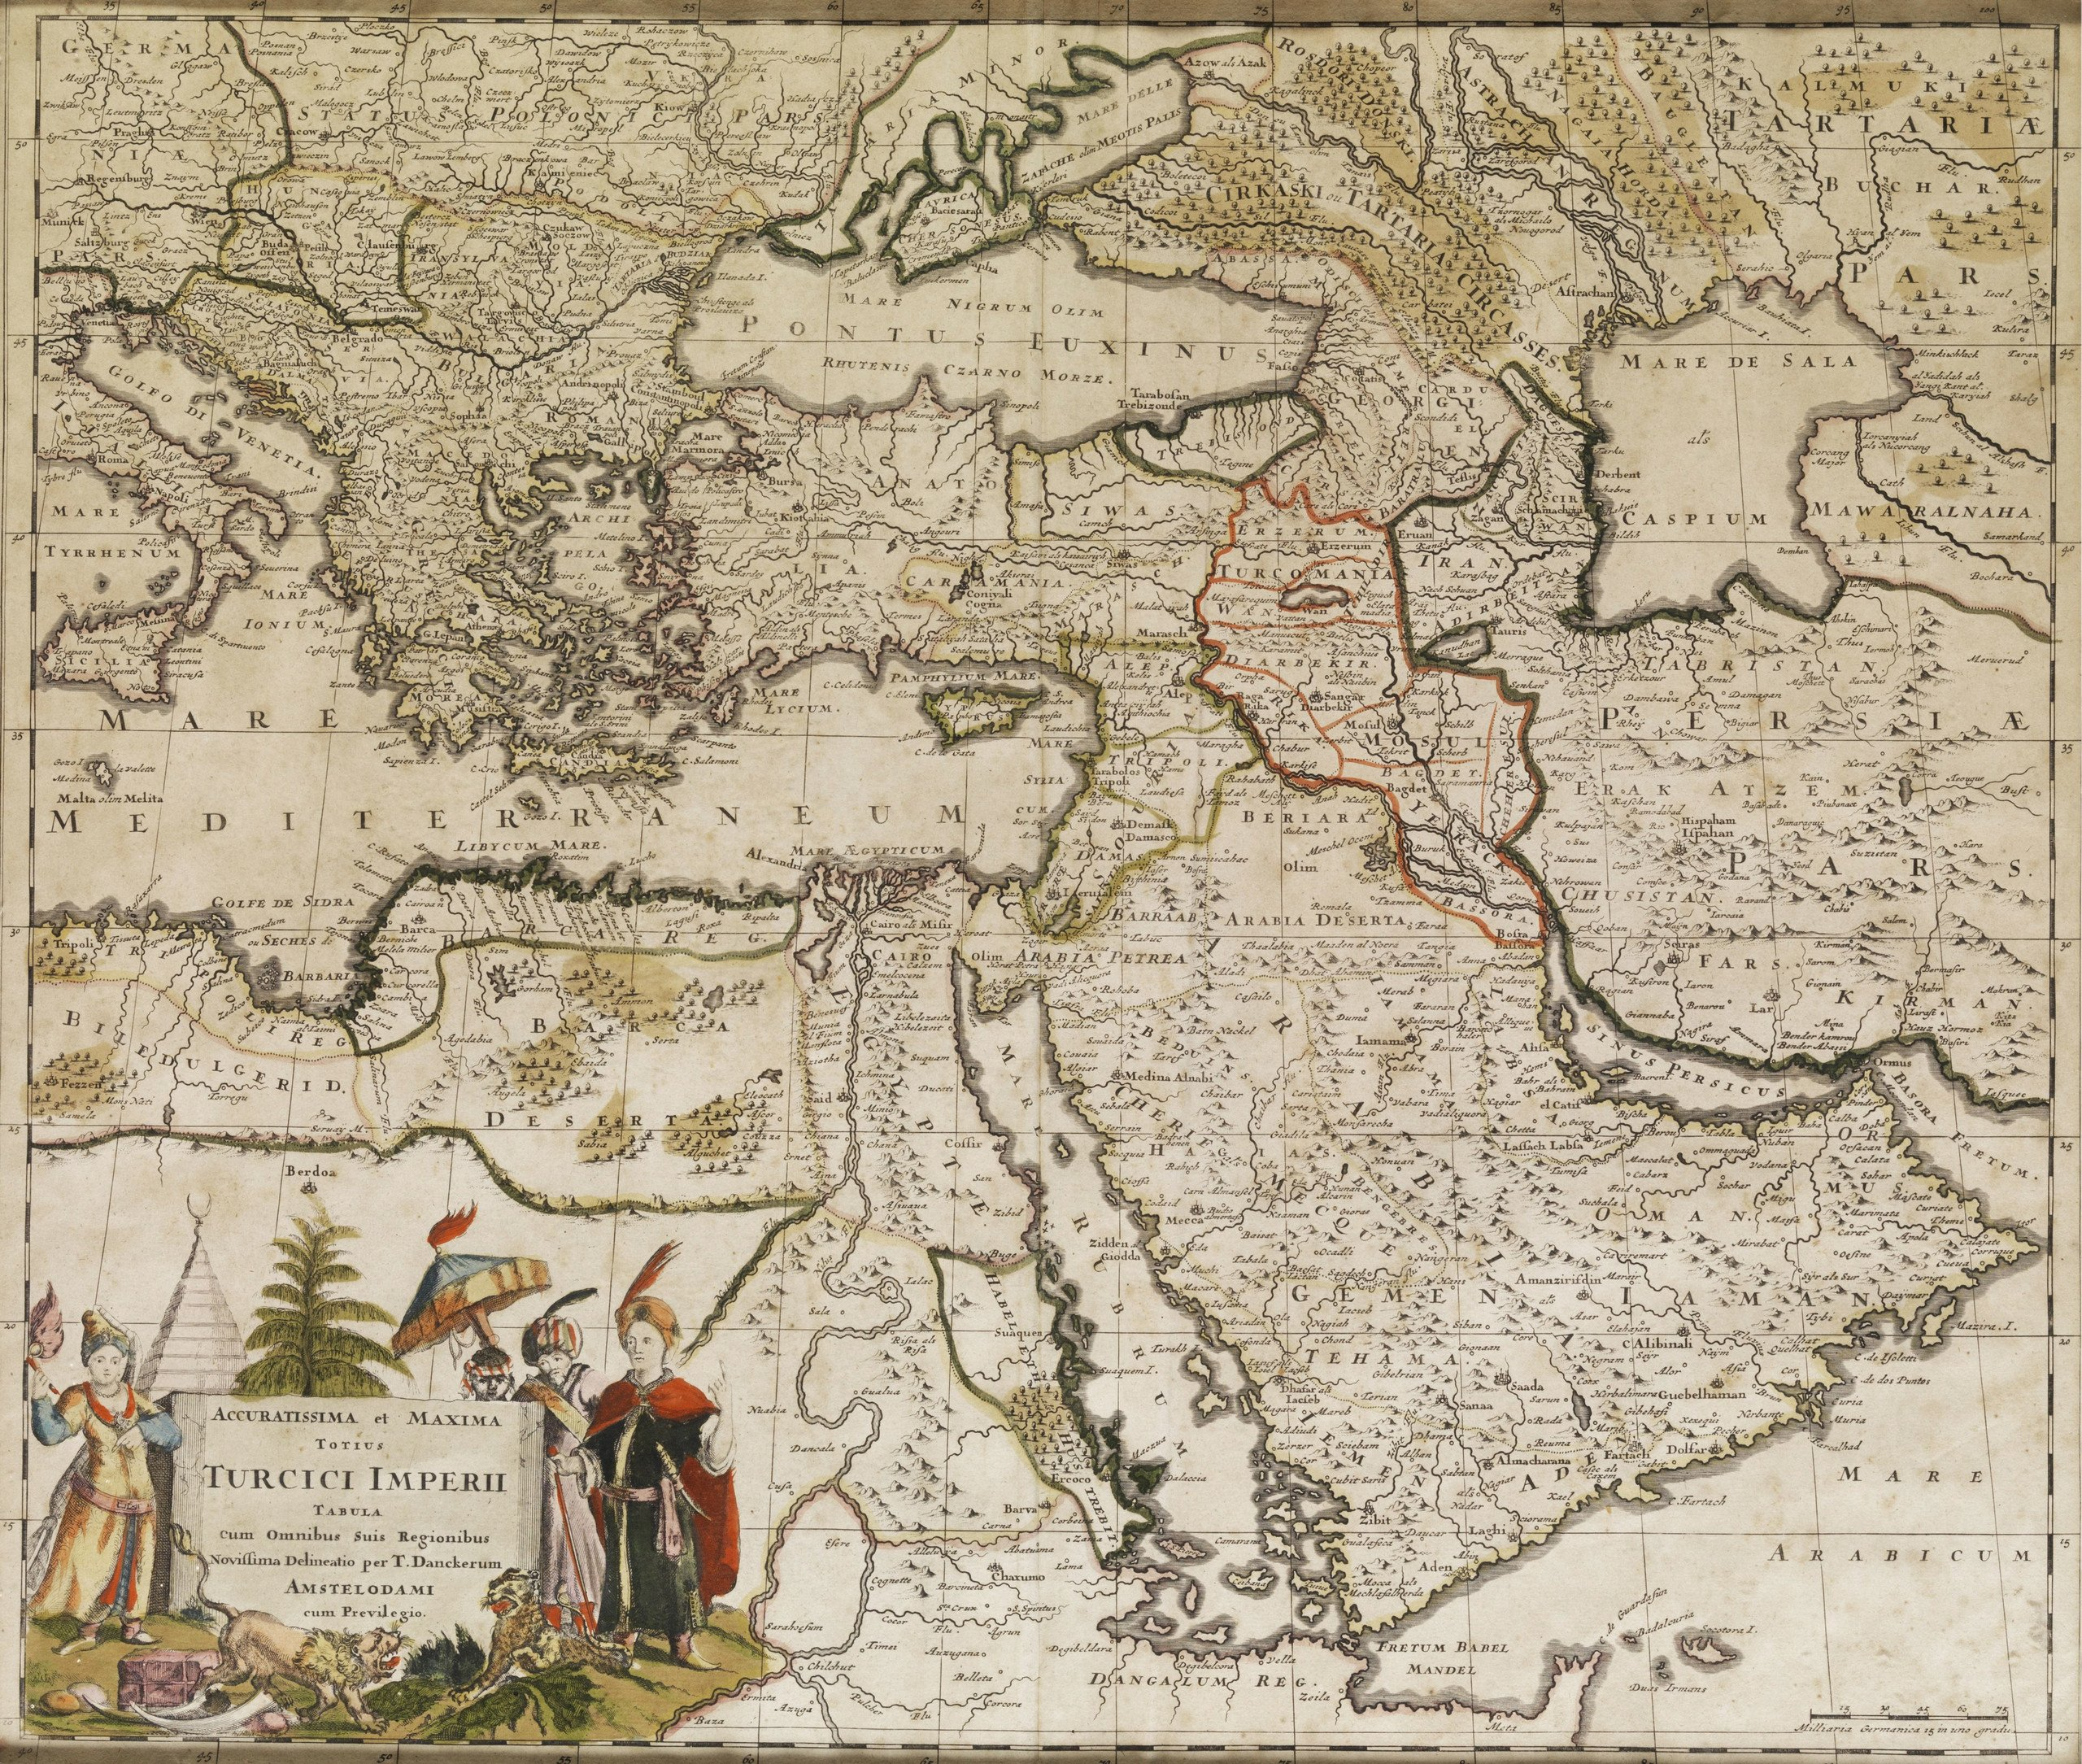 Проект создания антиосманской коалиции в XVI в. между Московией и Персией